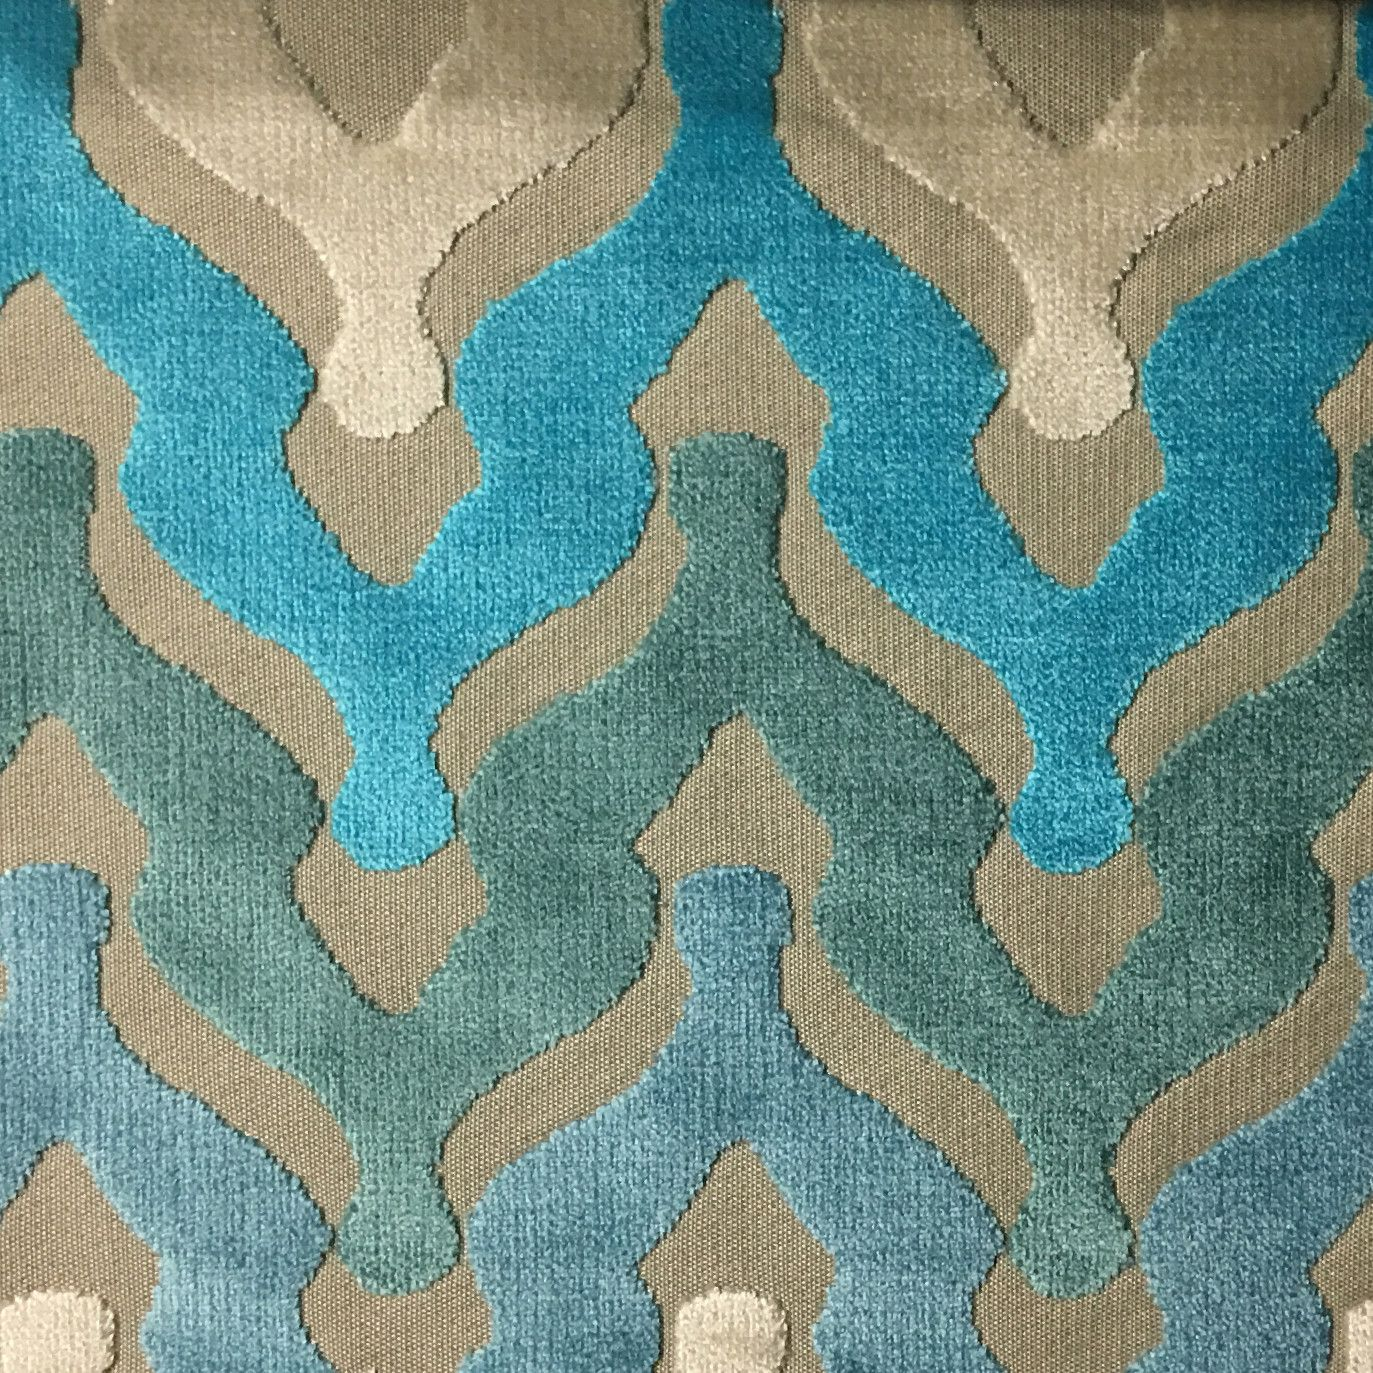 Chevron Cut Velvet Upholstery Fabric